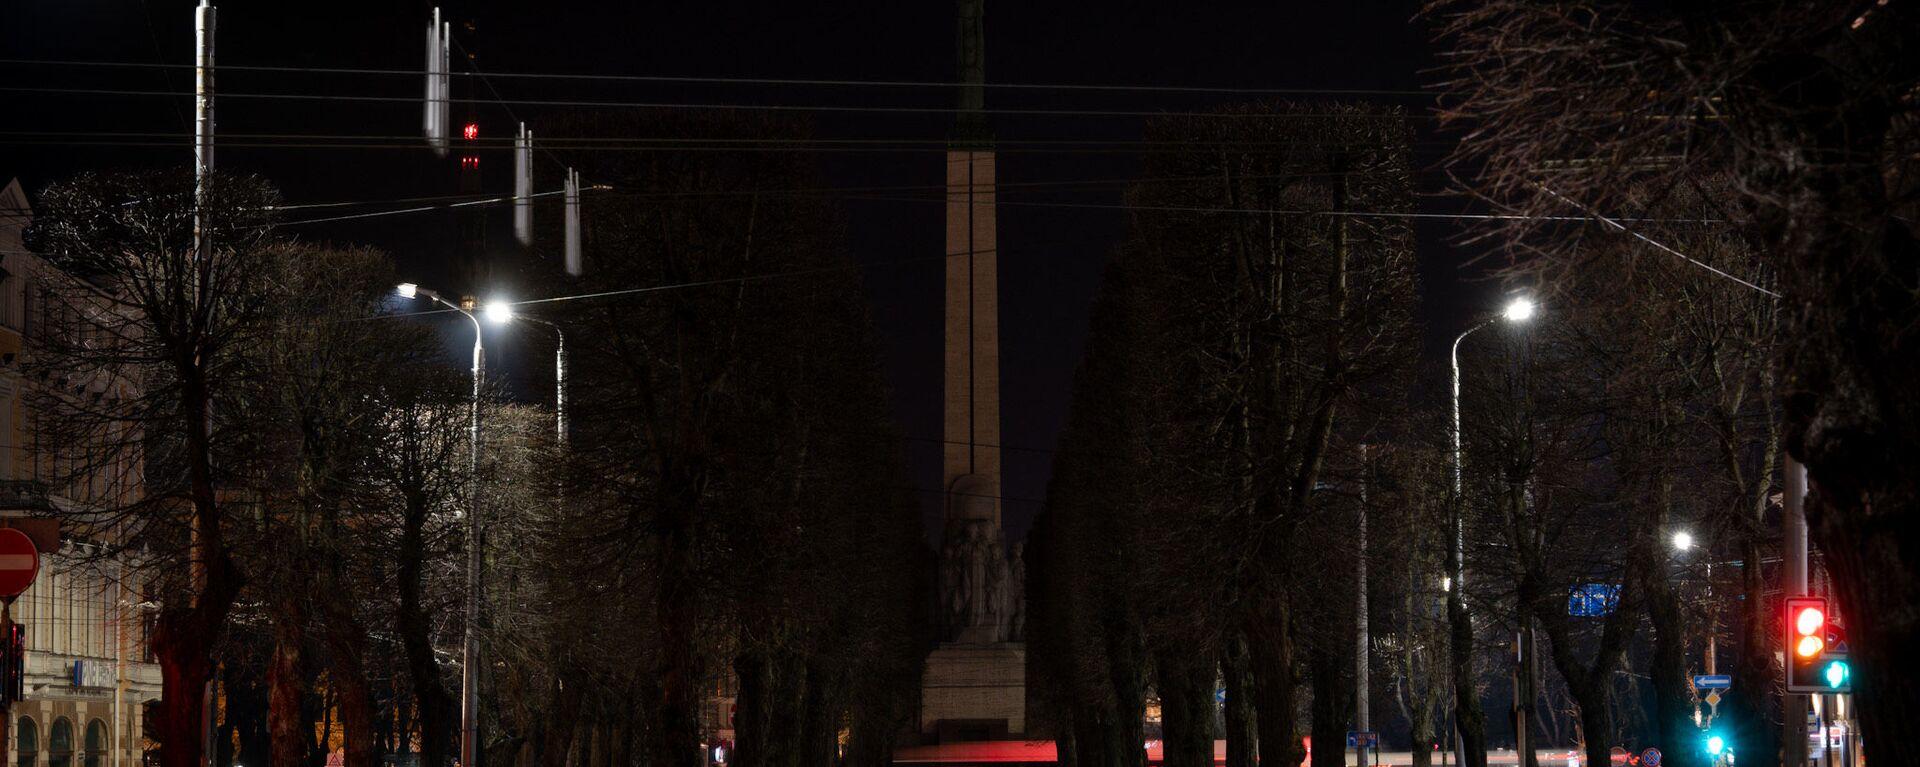 Рига присоединилась к всемирной экологической акции Час Земли - Sputnik Латвия, 1920, 29.03.2020